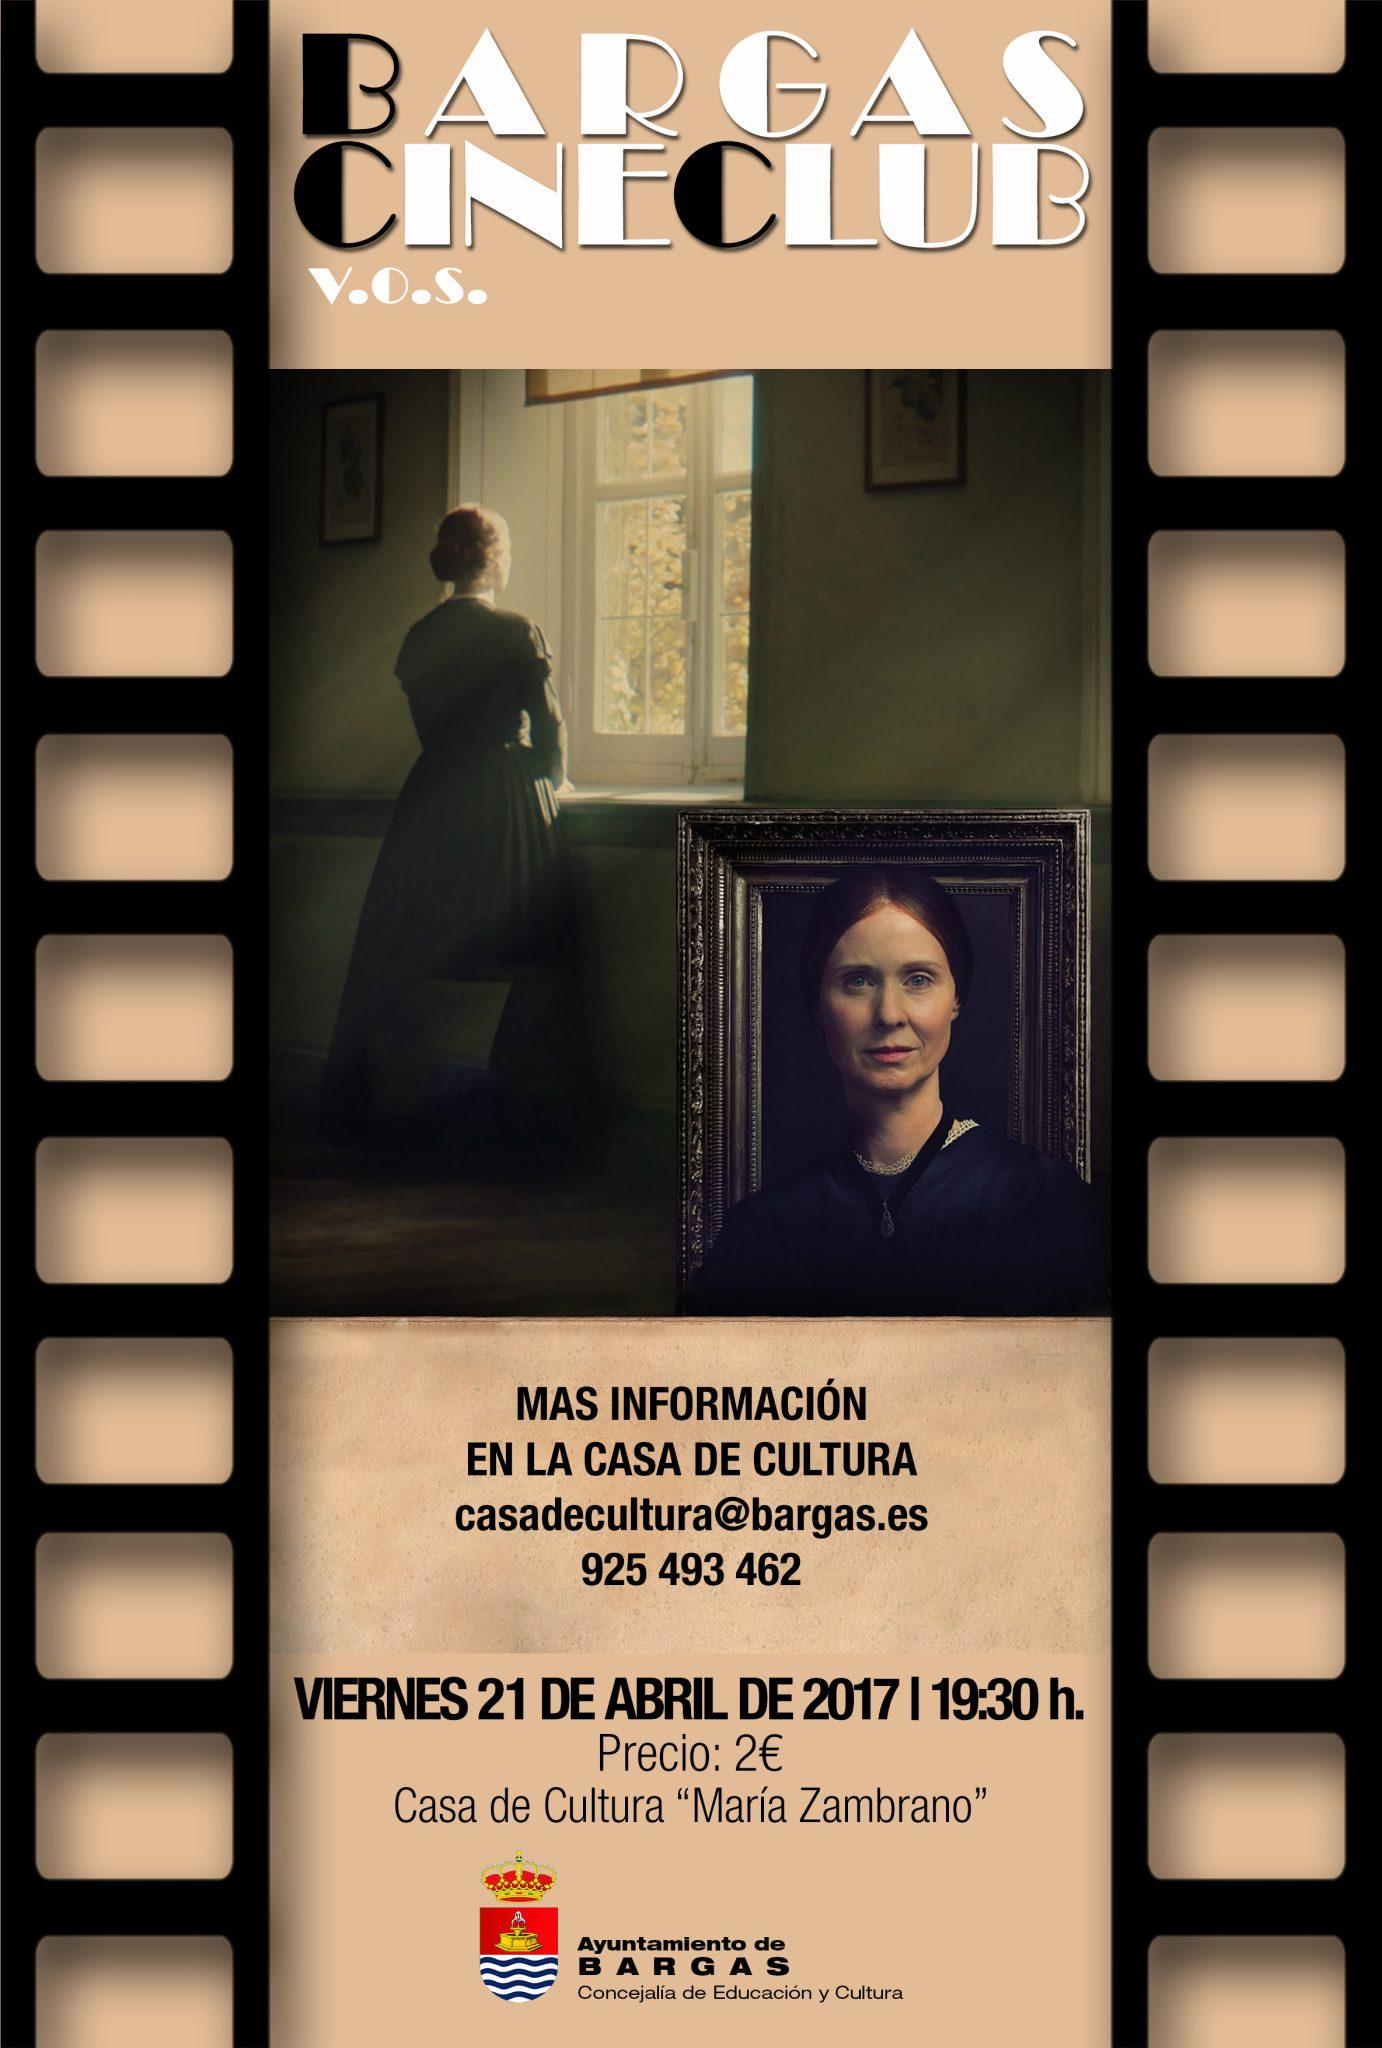 Cineclub V.O.S. Abril 2017